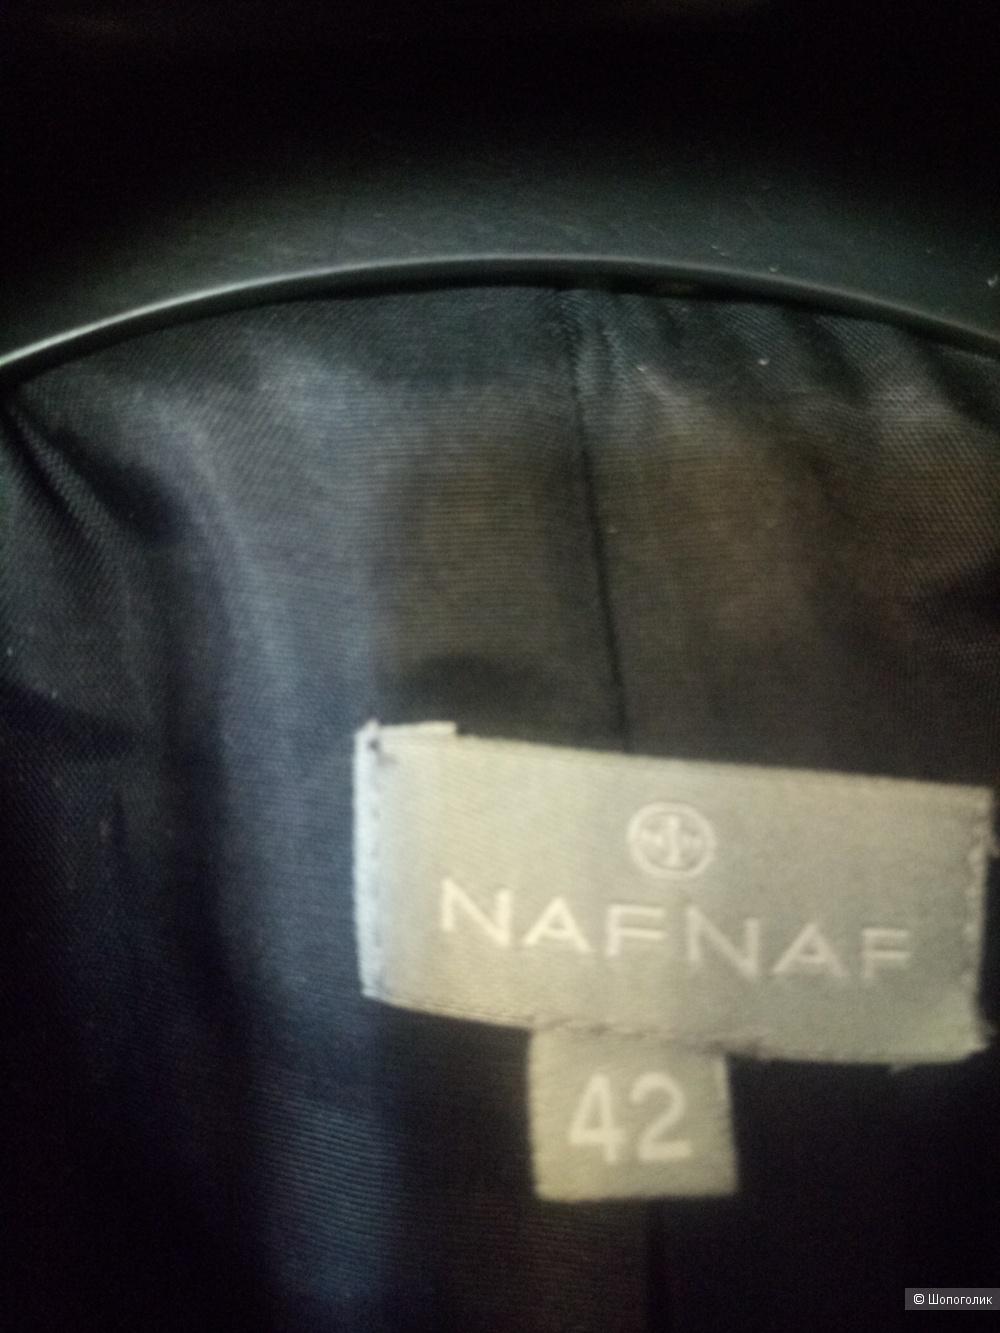 Пальто NAF NAF, размер 44-46 рос